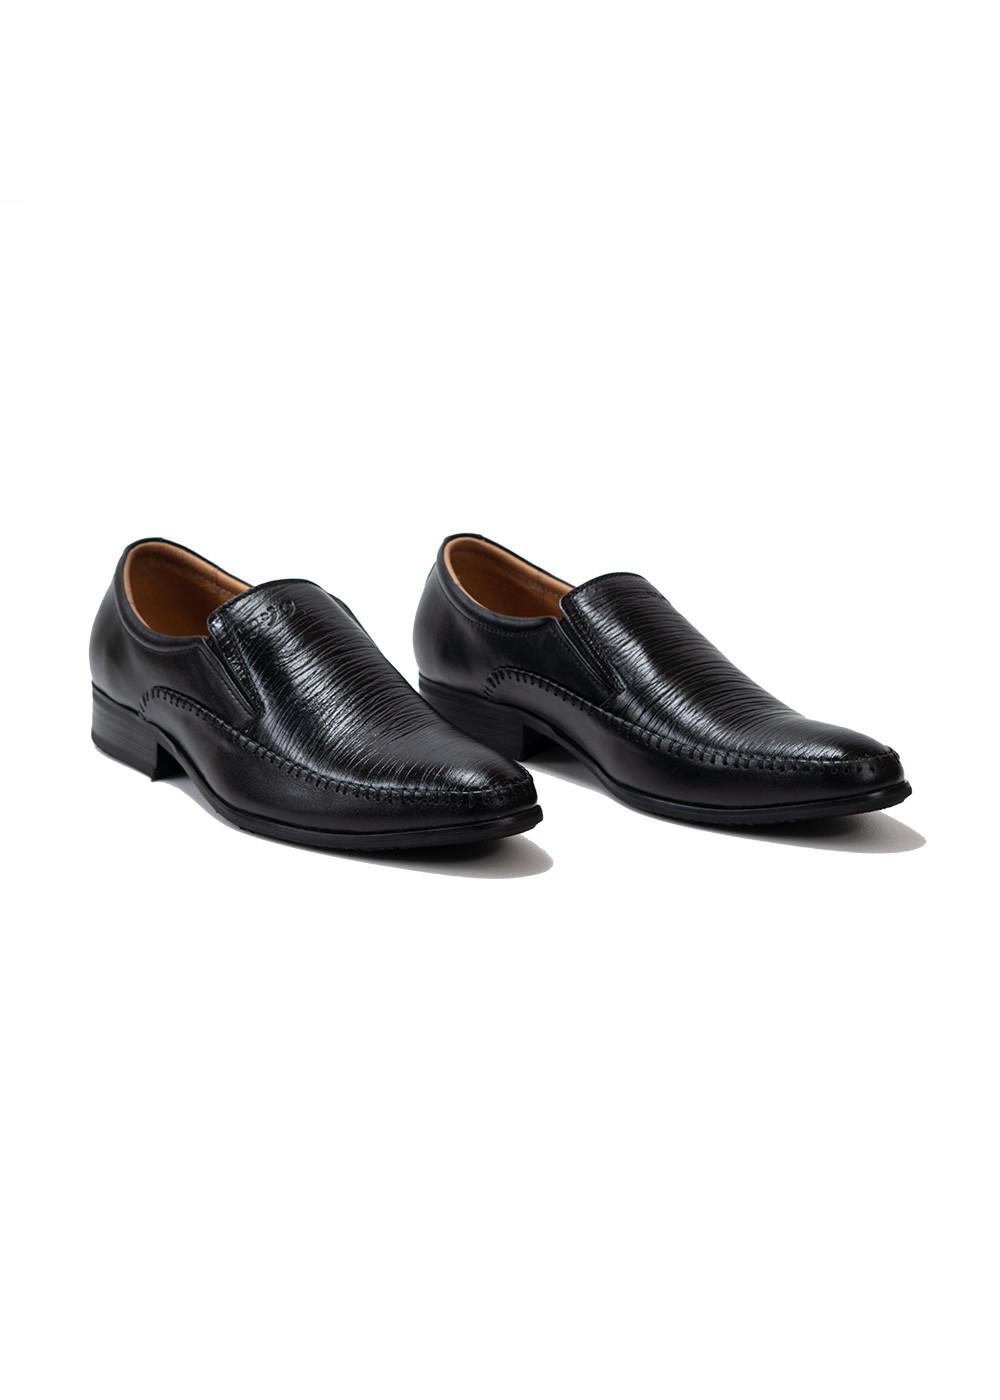 Giày Tây Mọi Đế Pháp - Da Nhăn